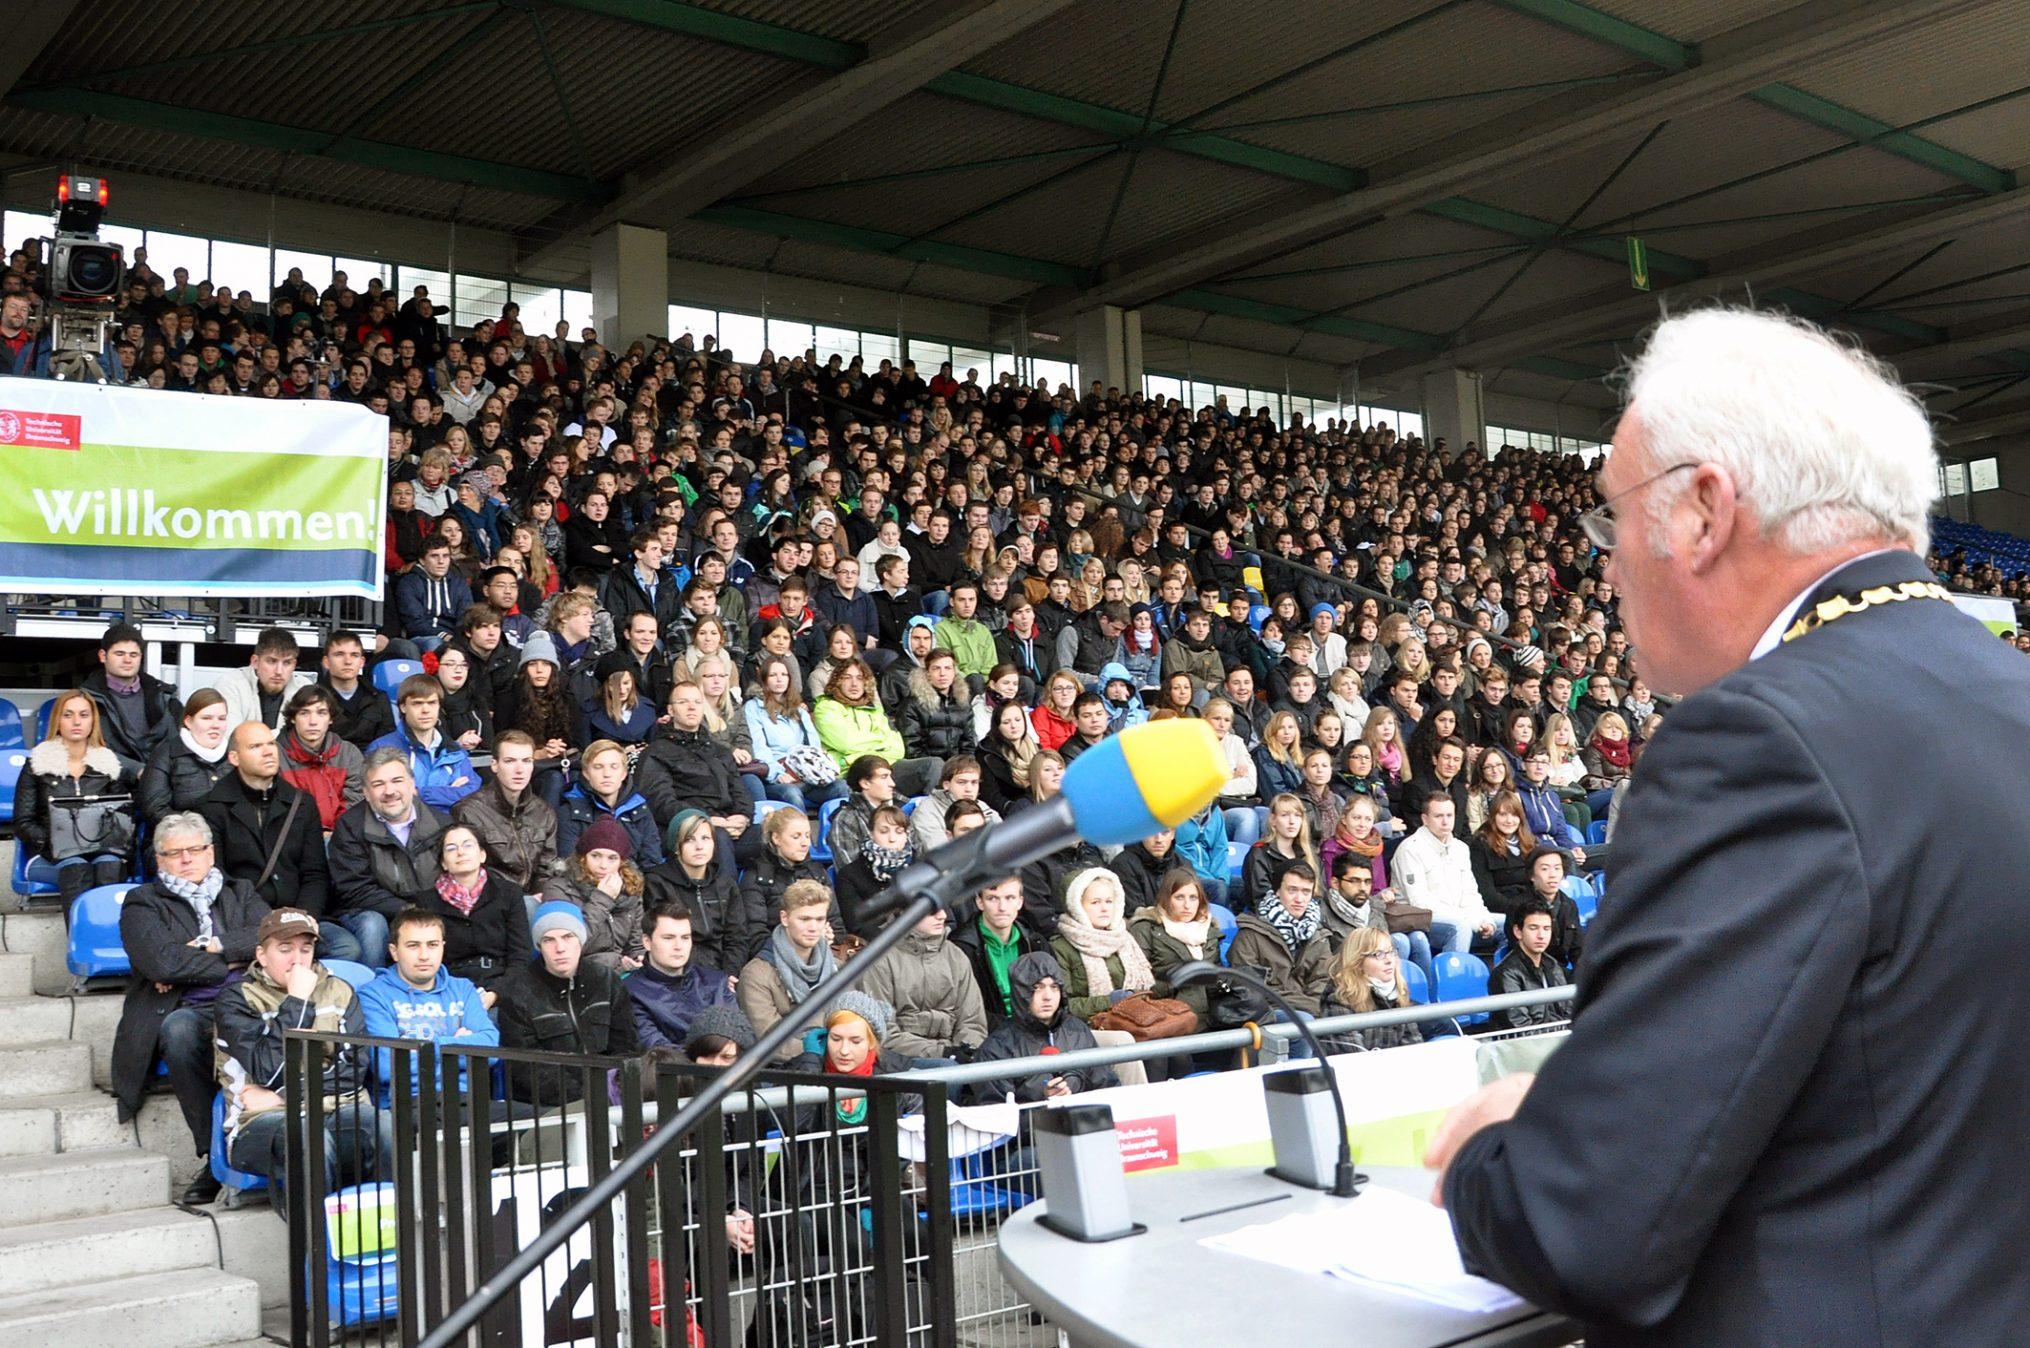 TU-Präsident Prof. Jürgen Hesselbach begrüßt die neuen Studierenden